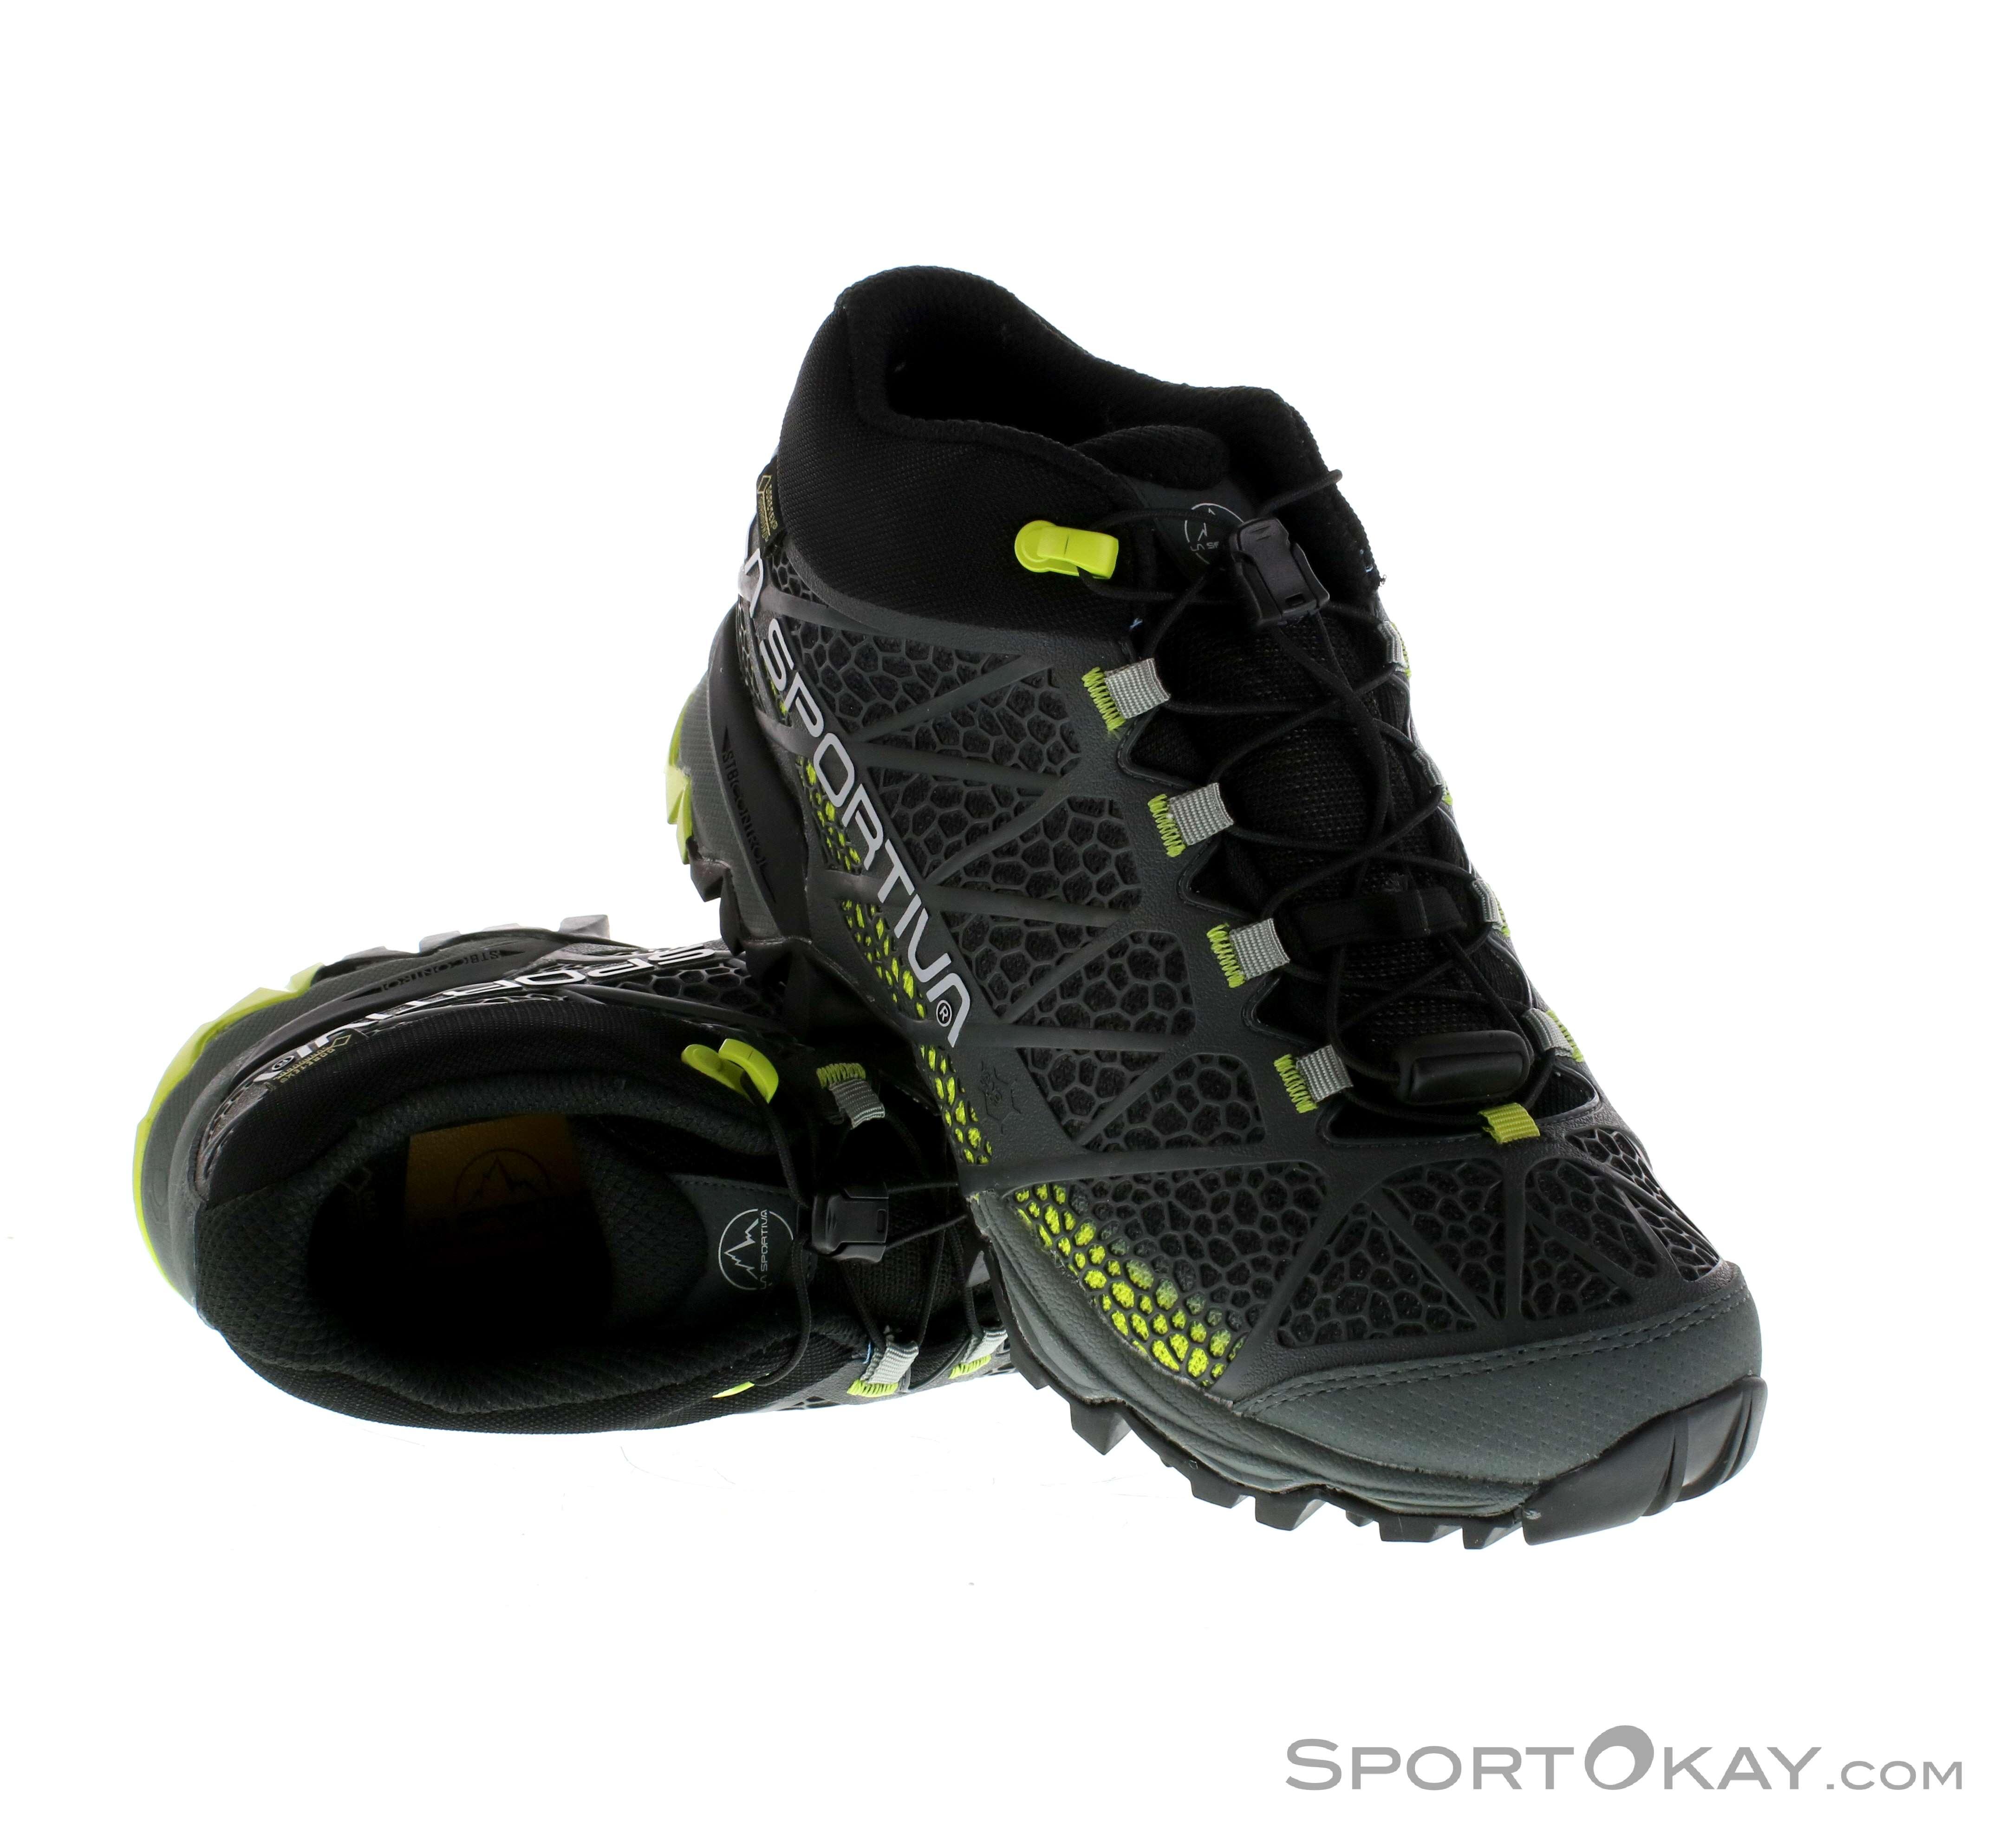 comprare on line diversamente check-out La Sportiva La Sportiva Synthesis Uomo Scarpe da Trail Running Gore-Tex